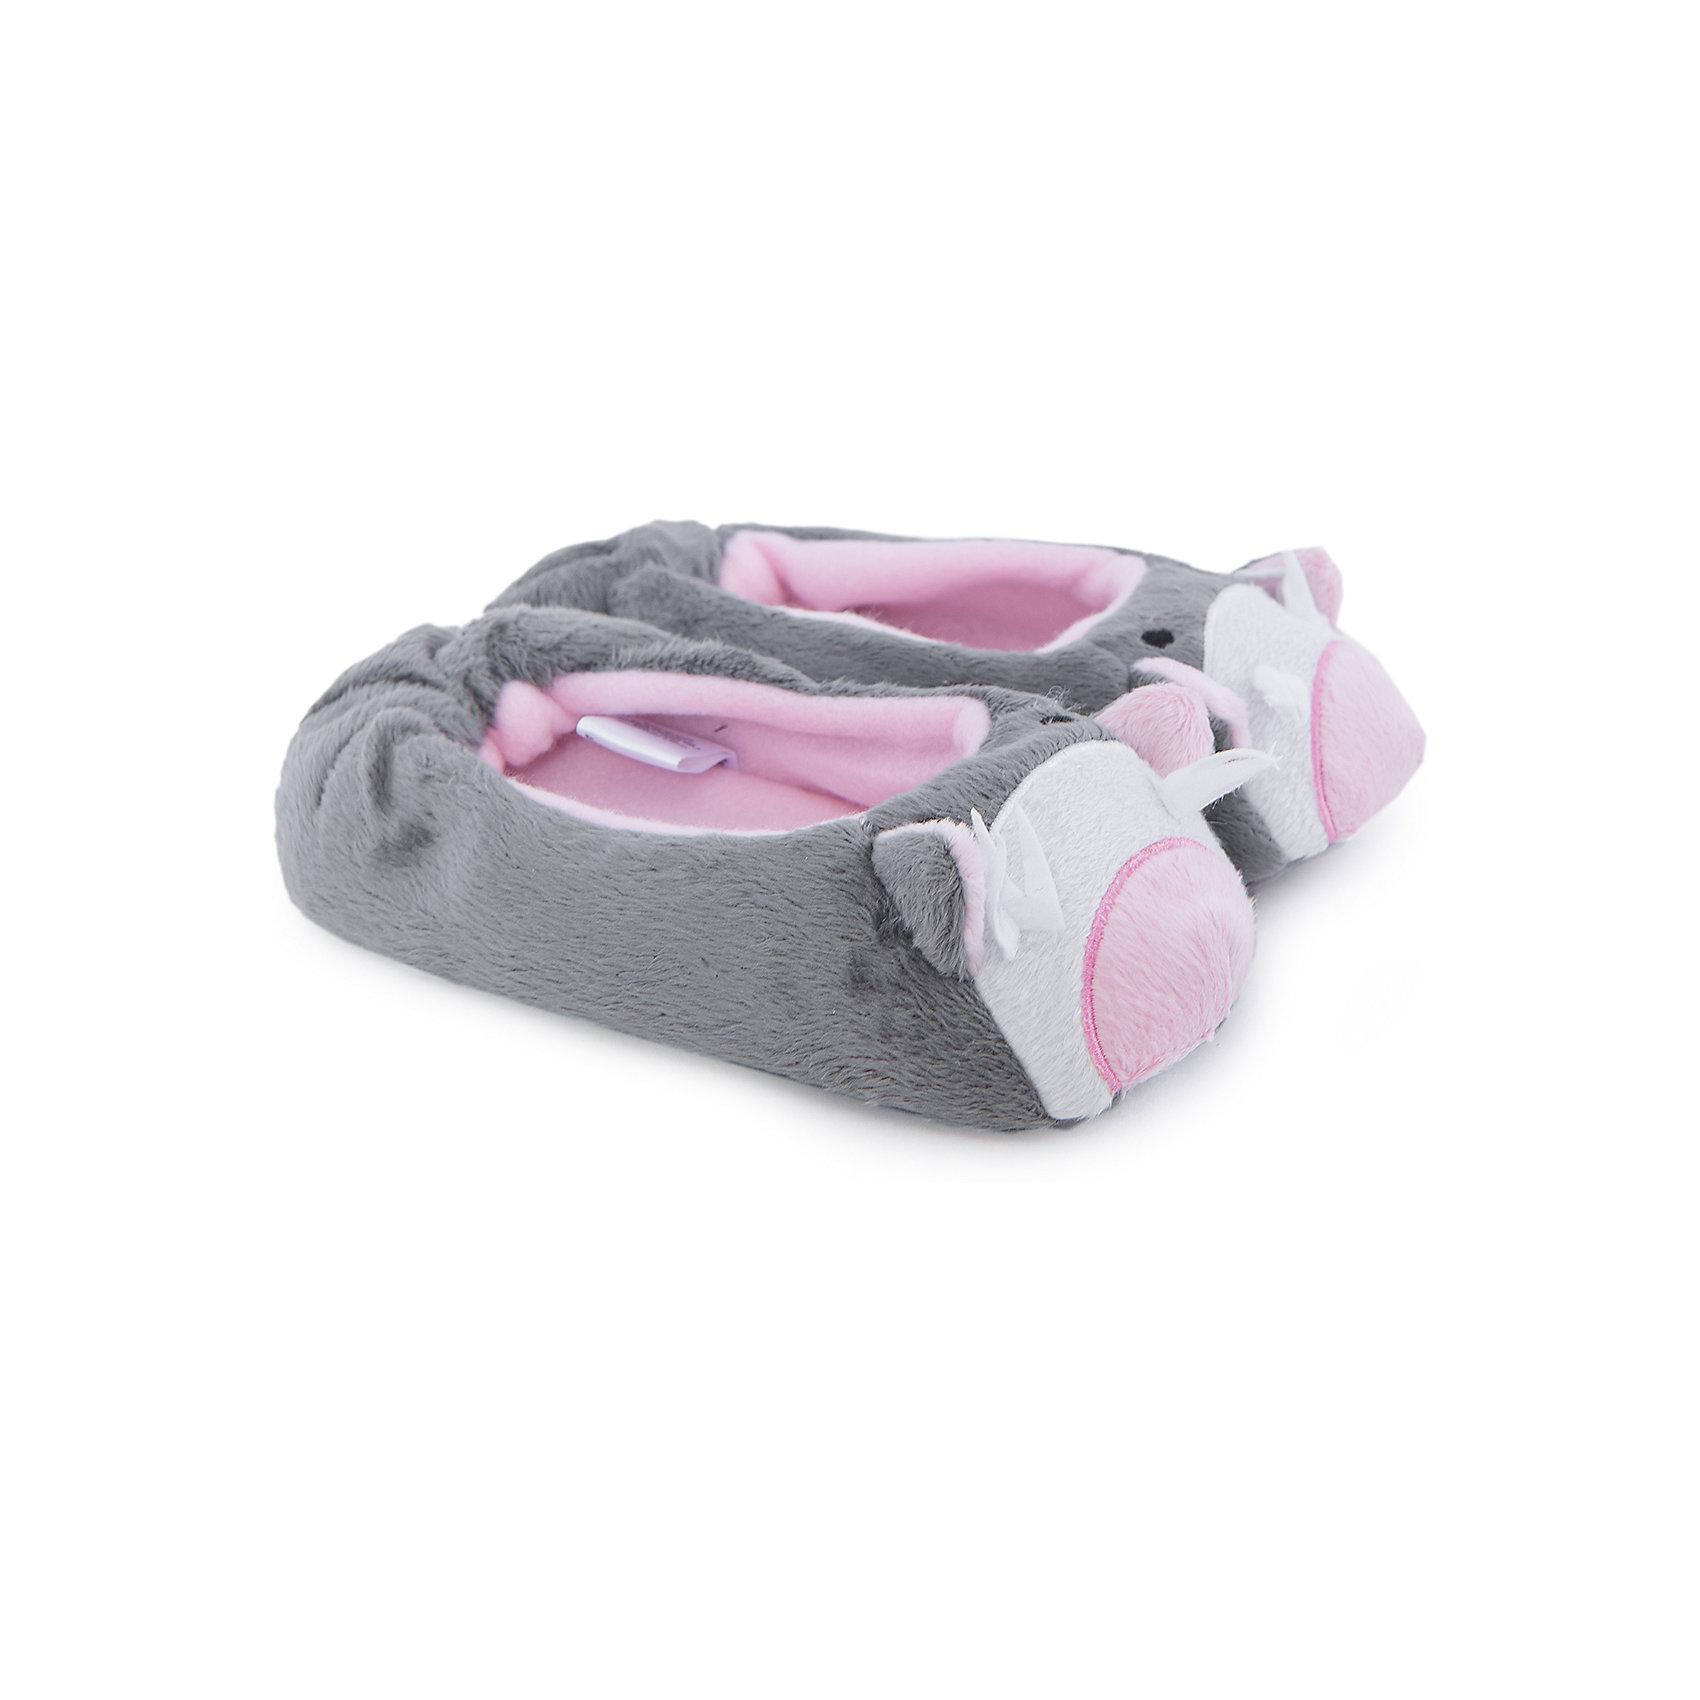 Тапочки для девочки SELAУдобные тапочки - неотъемлемая составляющая комфорта ребенка. Эта модель отлично сидит на ноге, она сшита из приятного на ощупь материала, мягкая и дышащая. Качественный материал и продуманный крой обеспечиваеют ребенку комфорт. Украшены забавной мордочкой.<br>Одежда от бренда Sela (Села) - это качество по приемлемым ценам. Многие российские родители уже оценили преимущества продукции этой компании и всё чаще приобретают одежду и аксессуары Sela.<br><br>Дополнительная информация:<br><br>цвет: серый;<br>материал: 100% ПЭ;<br>украшены мордочкой.<br><br>Тапочки для девочки от бренда Sela можно купить в нашем интернет-магазине.<br><br>Ширина мм: 219<br>Глубина мм: 158<br>Высота мм: 118<br>Вес г: 274<br>Цвет: серый<br>Возраст от месяцев: 84<br>Возраст до месяцев: 96<br>Пол: Женский<br>Возраст: Детский<br>Размер: 34/35,30/31,32/33<br>SKU: 5008004